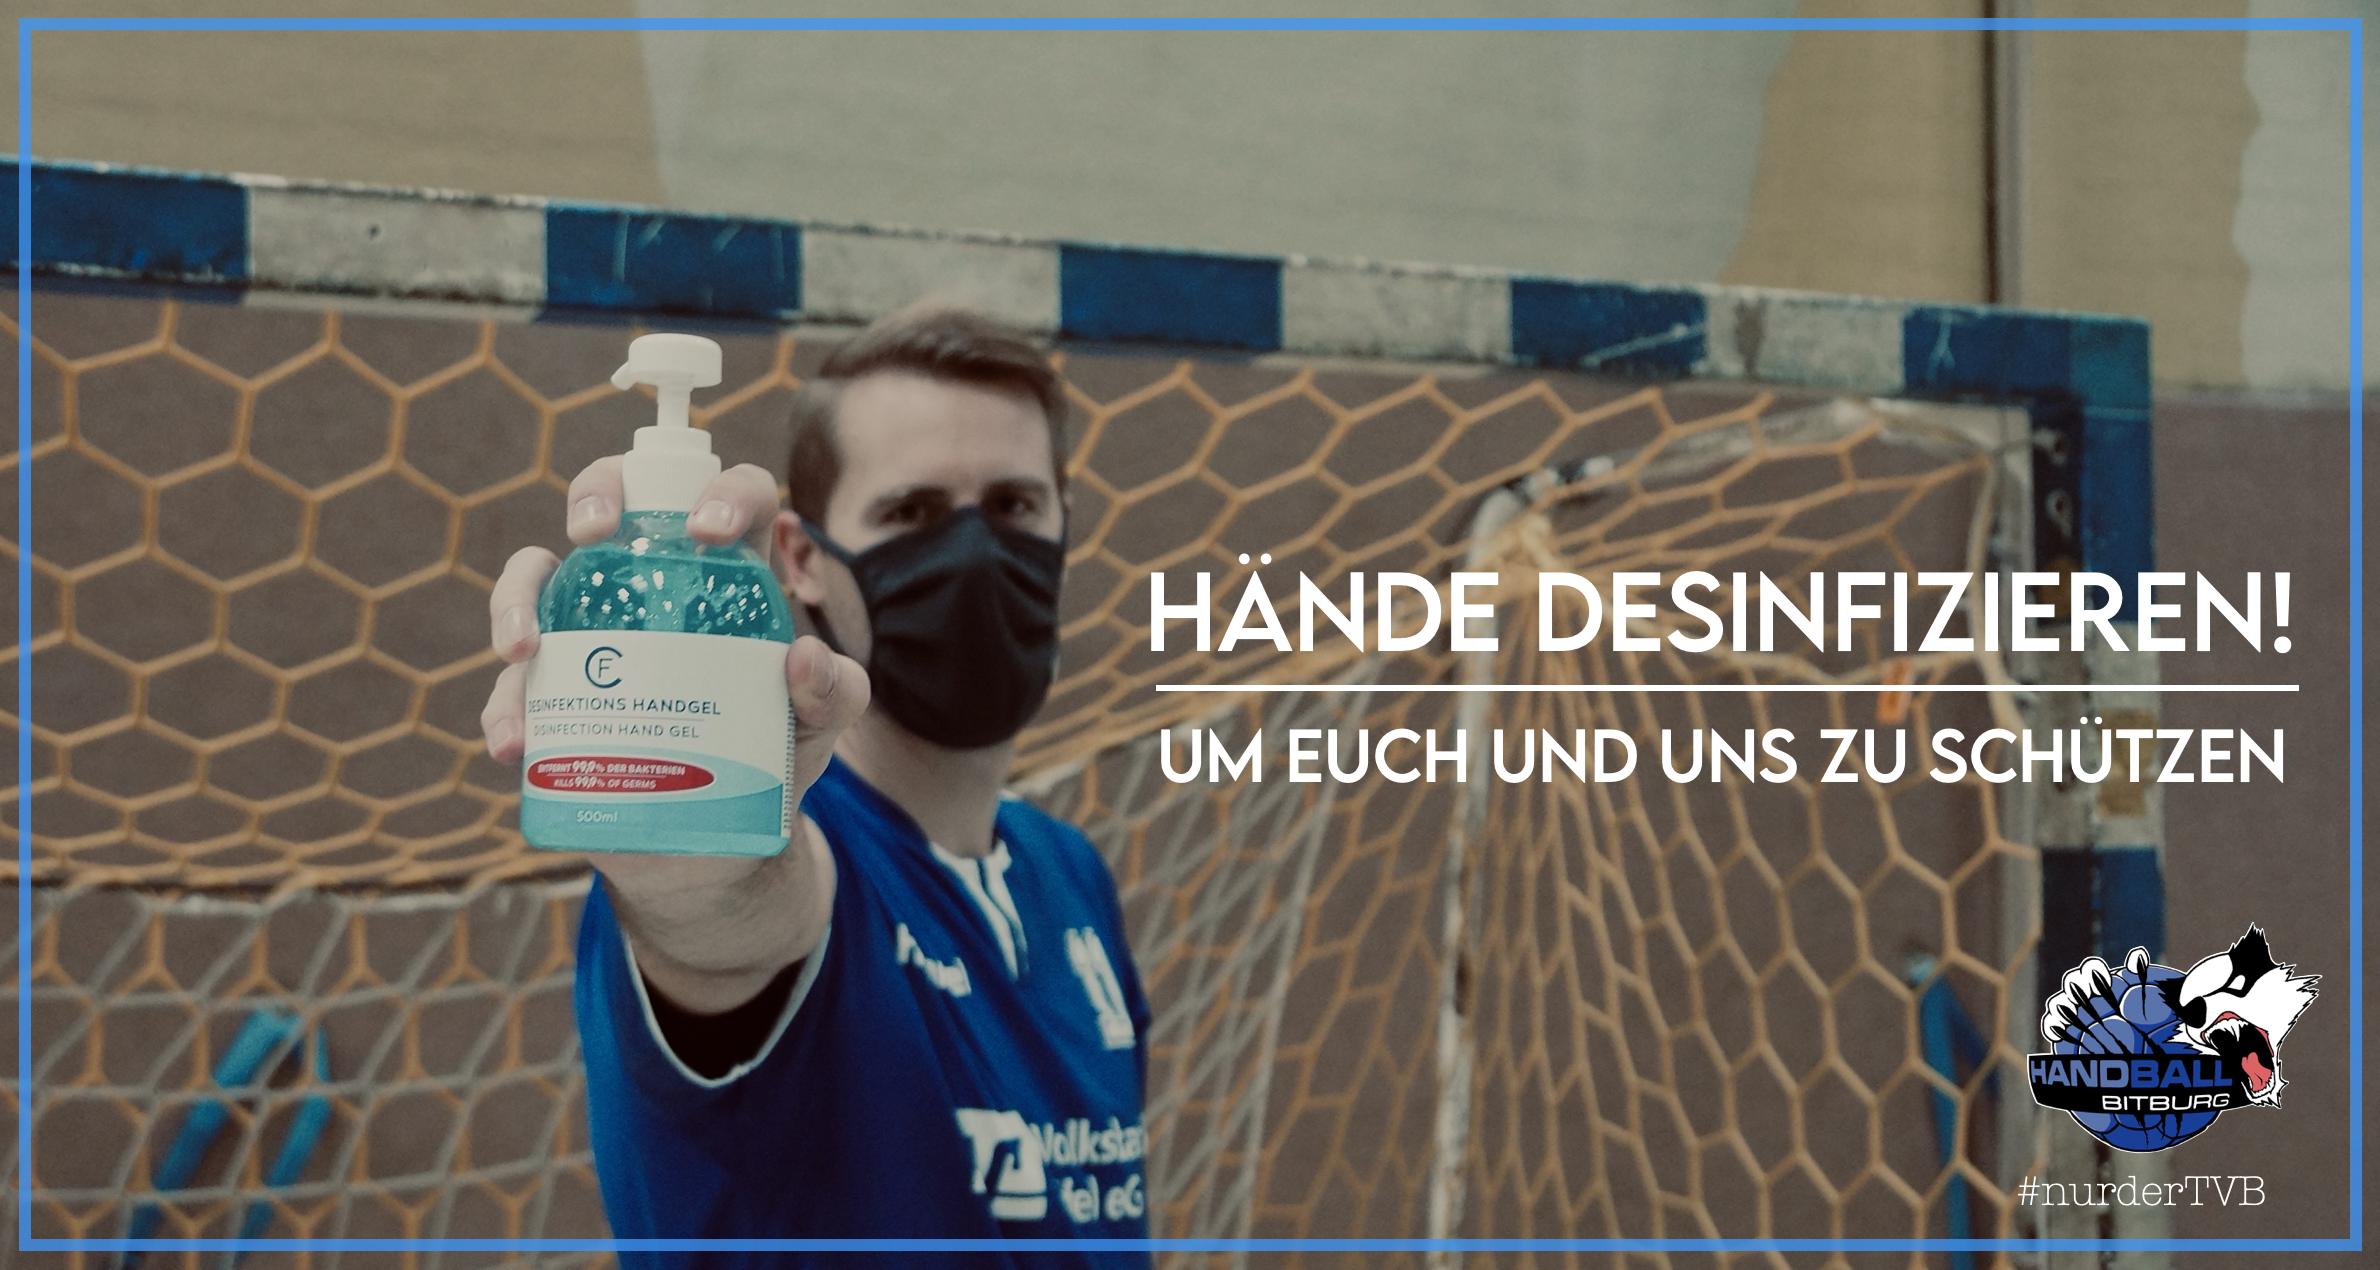 Hände desinfizieren nicht vergessen!